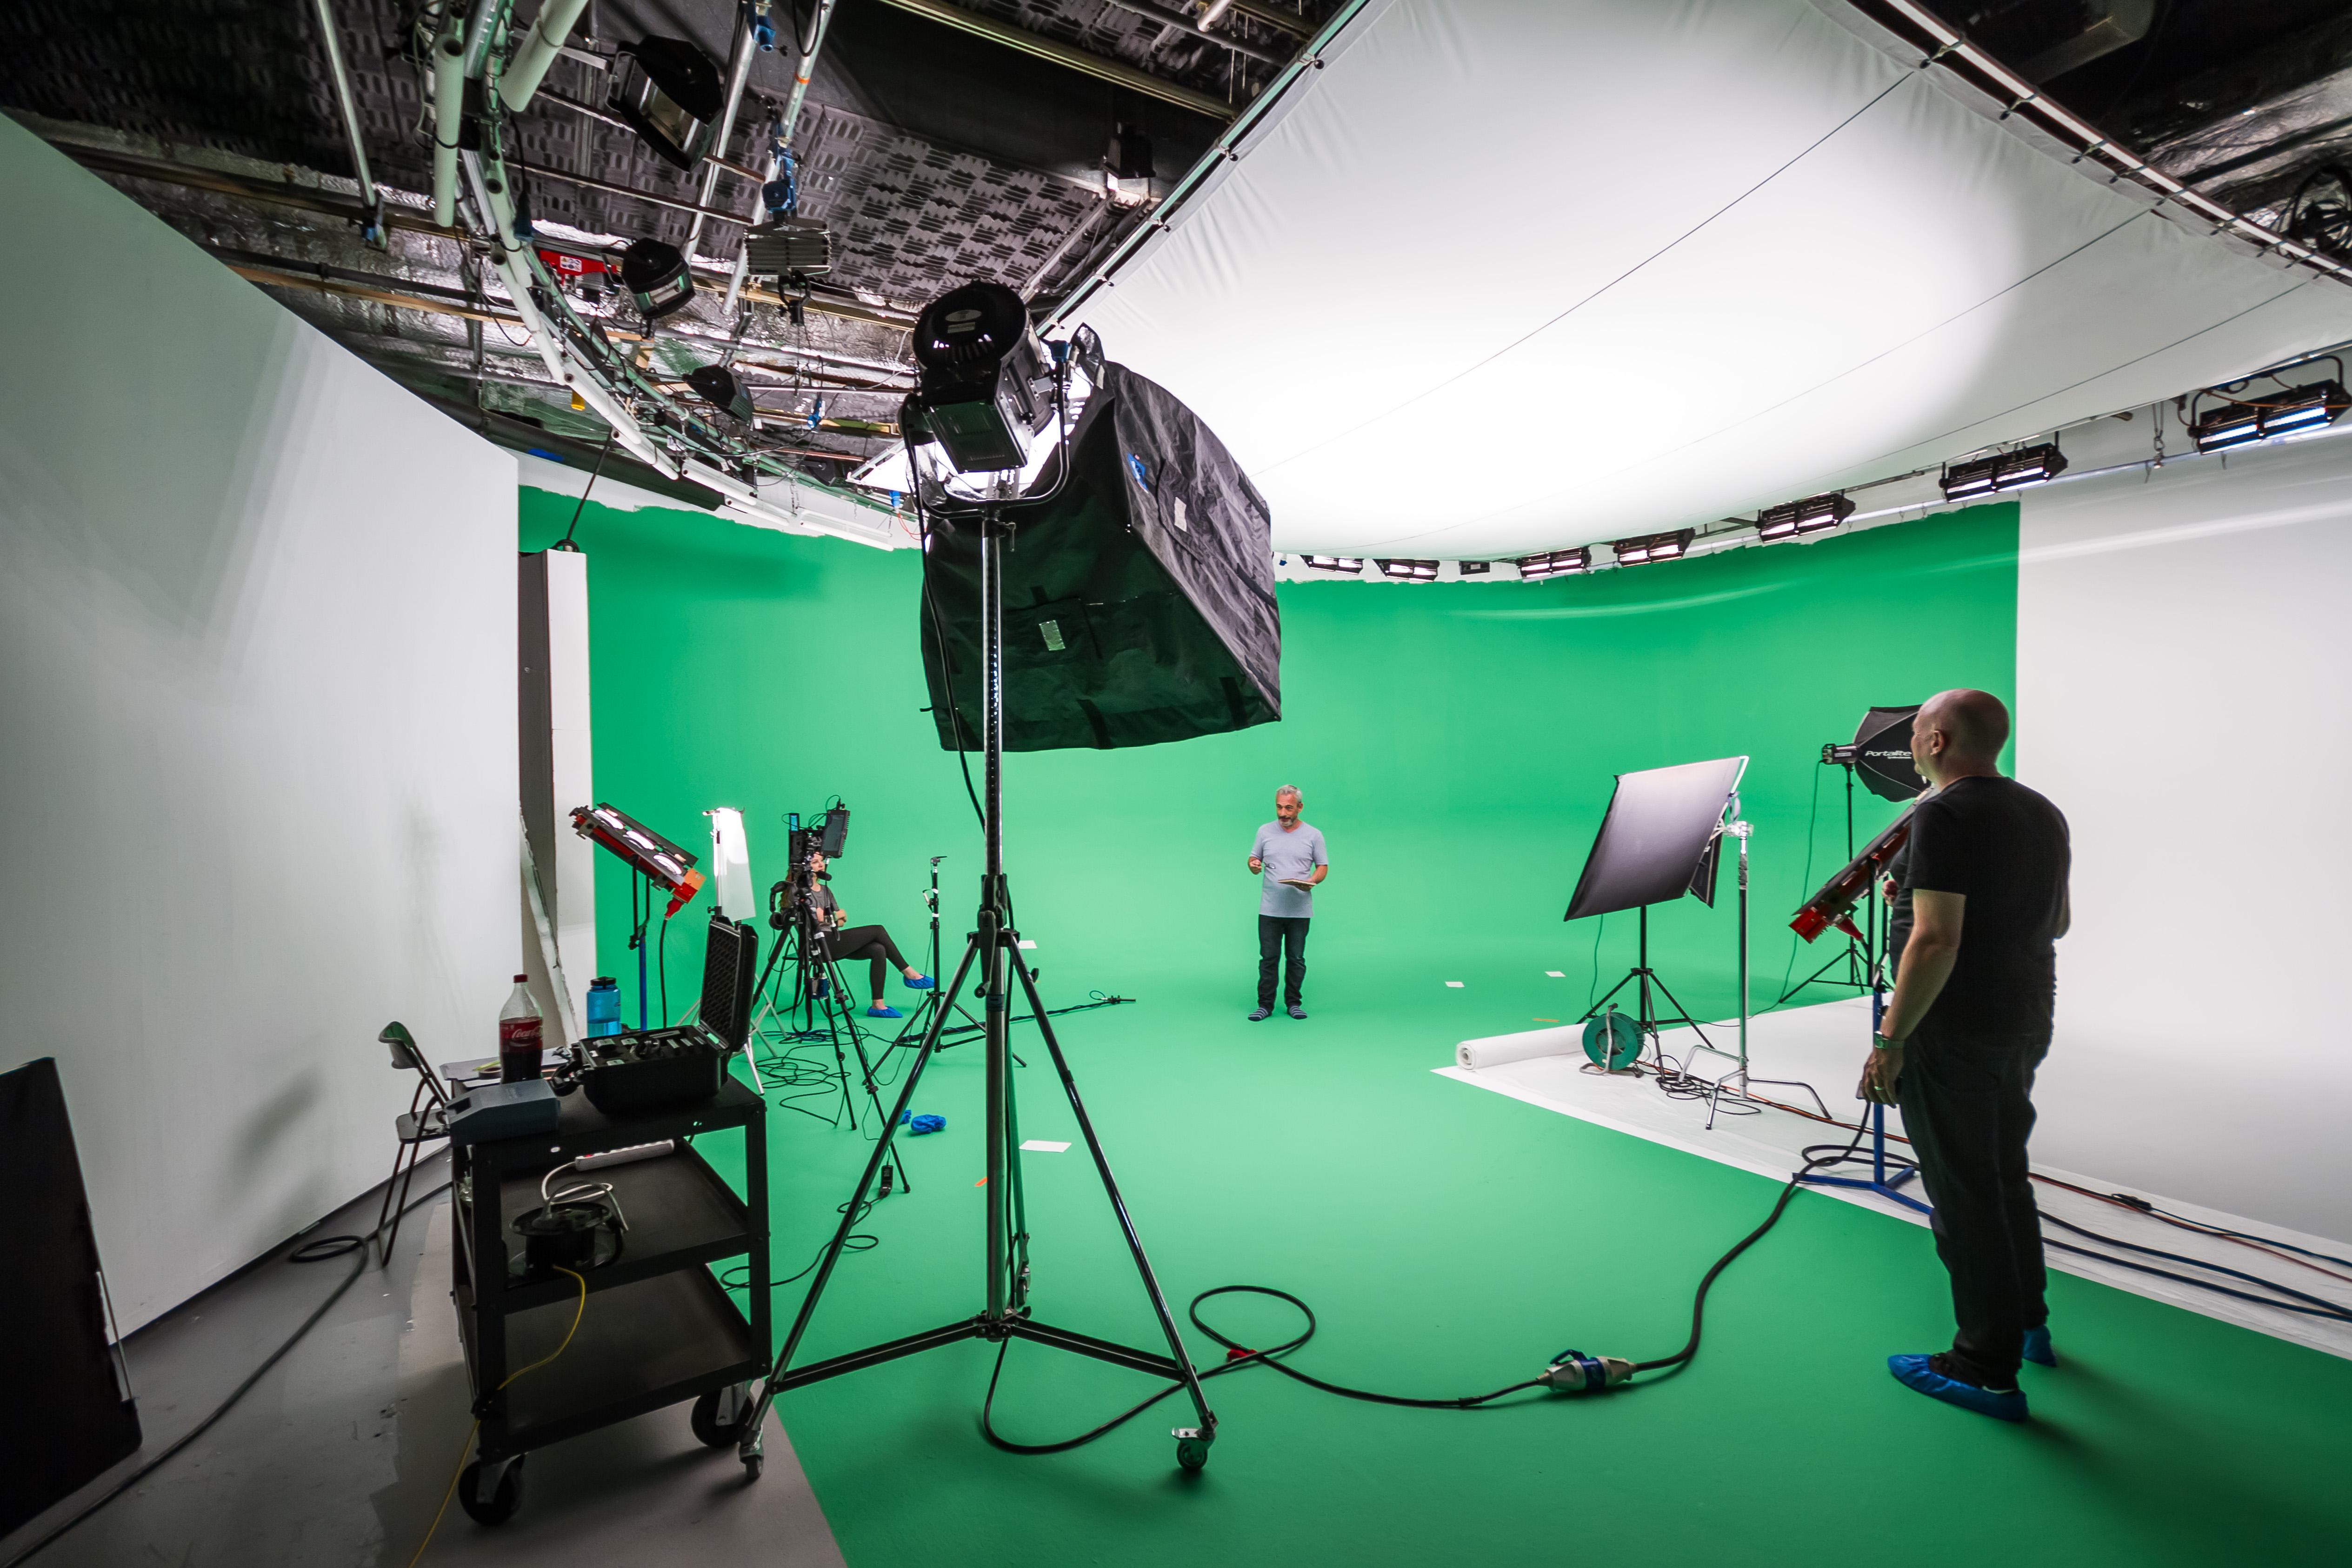 Bild externes Greenscreen-Studio